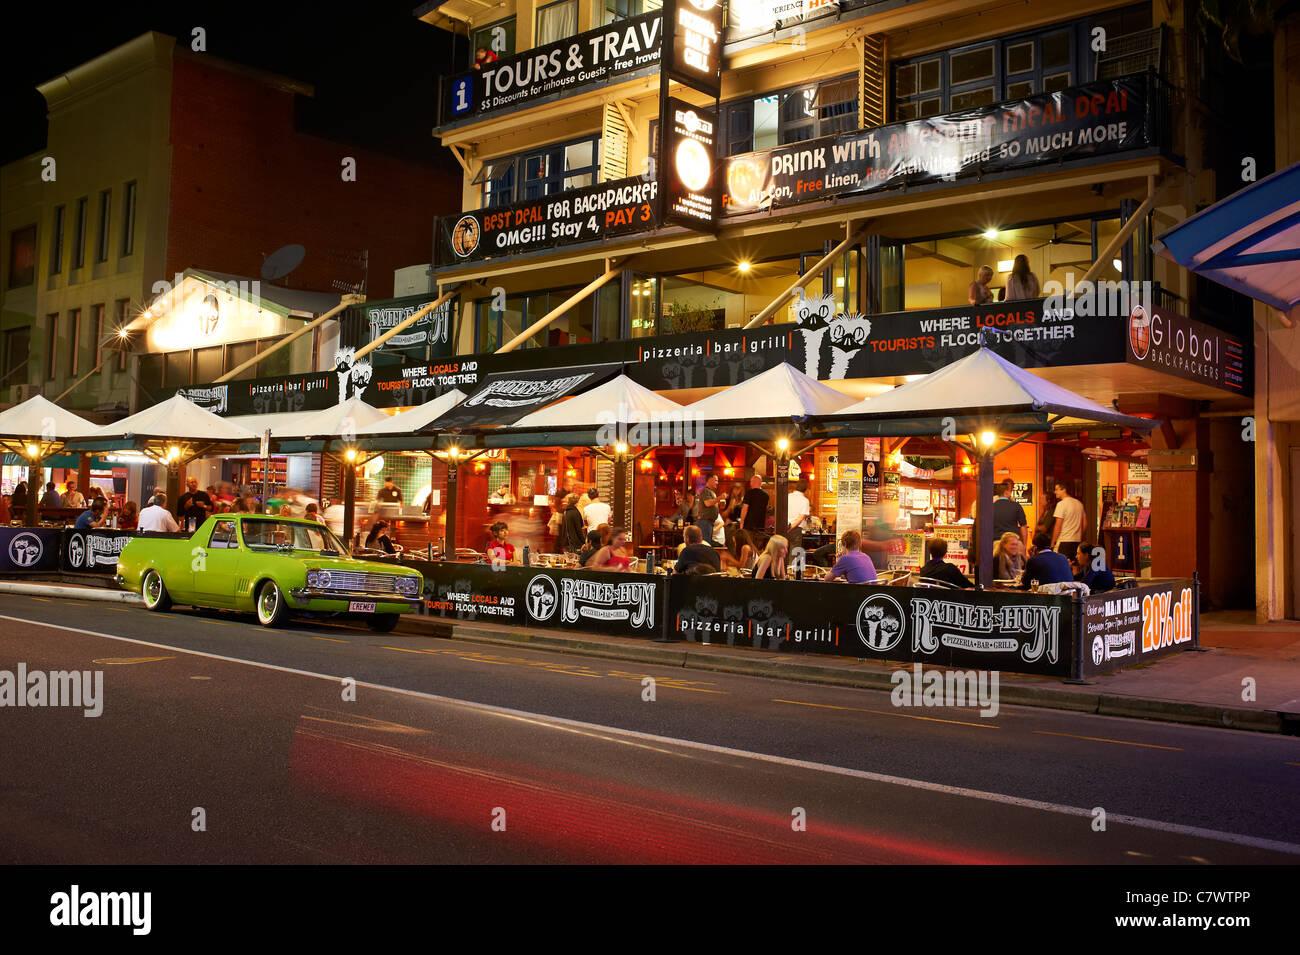 Online sex store australia in Brisbane